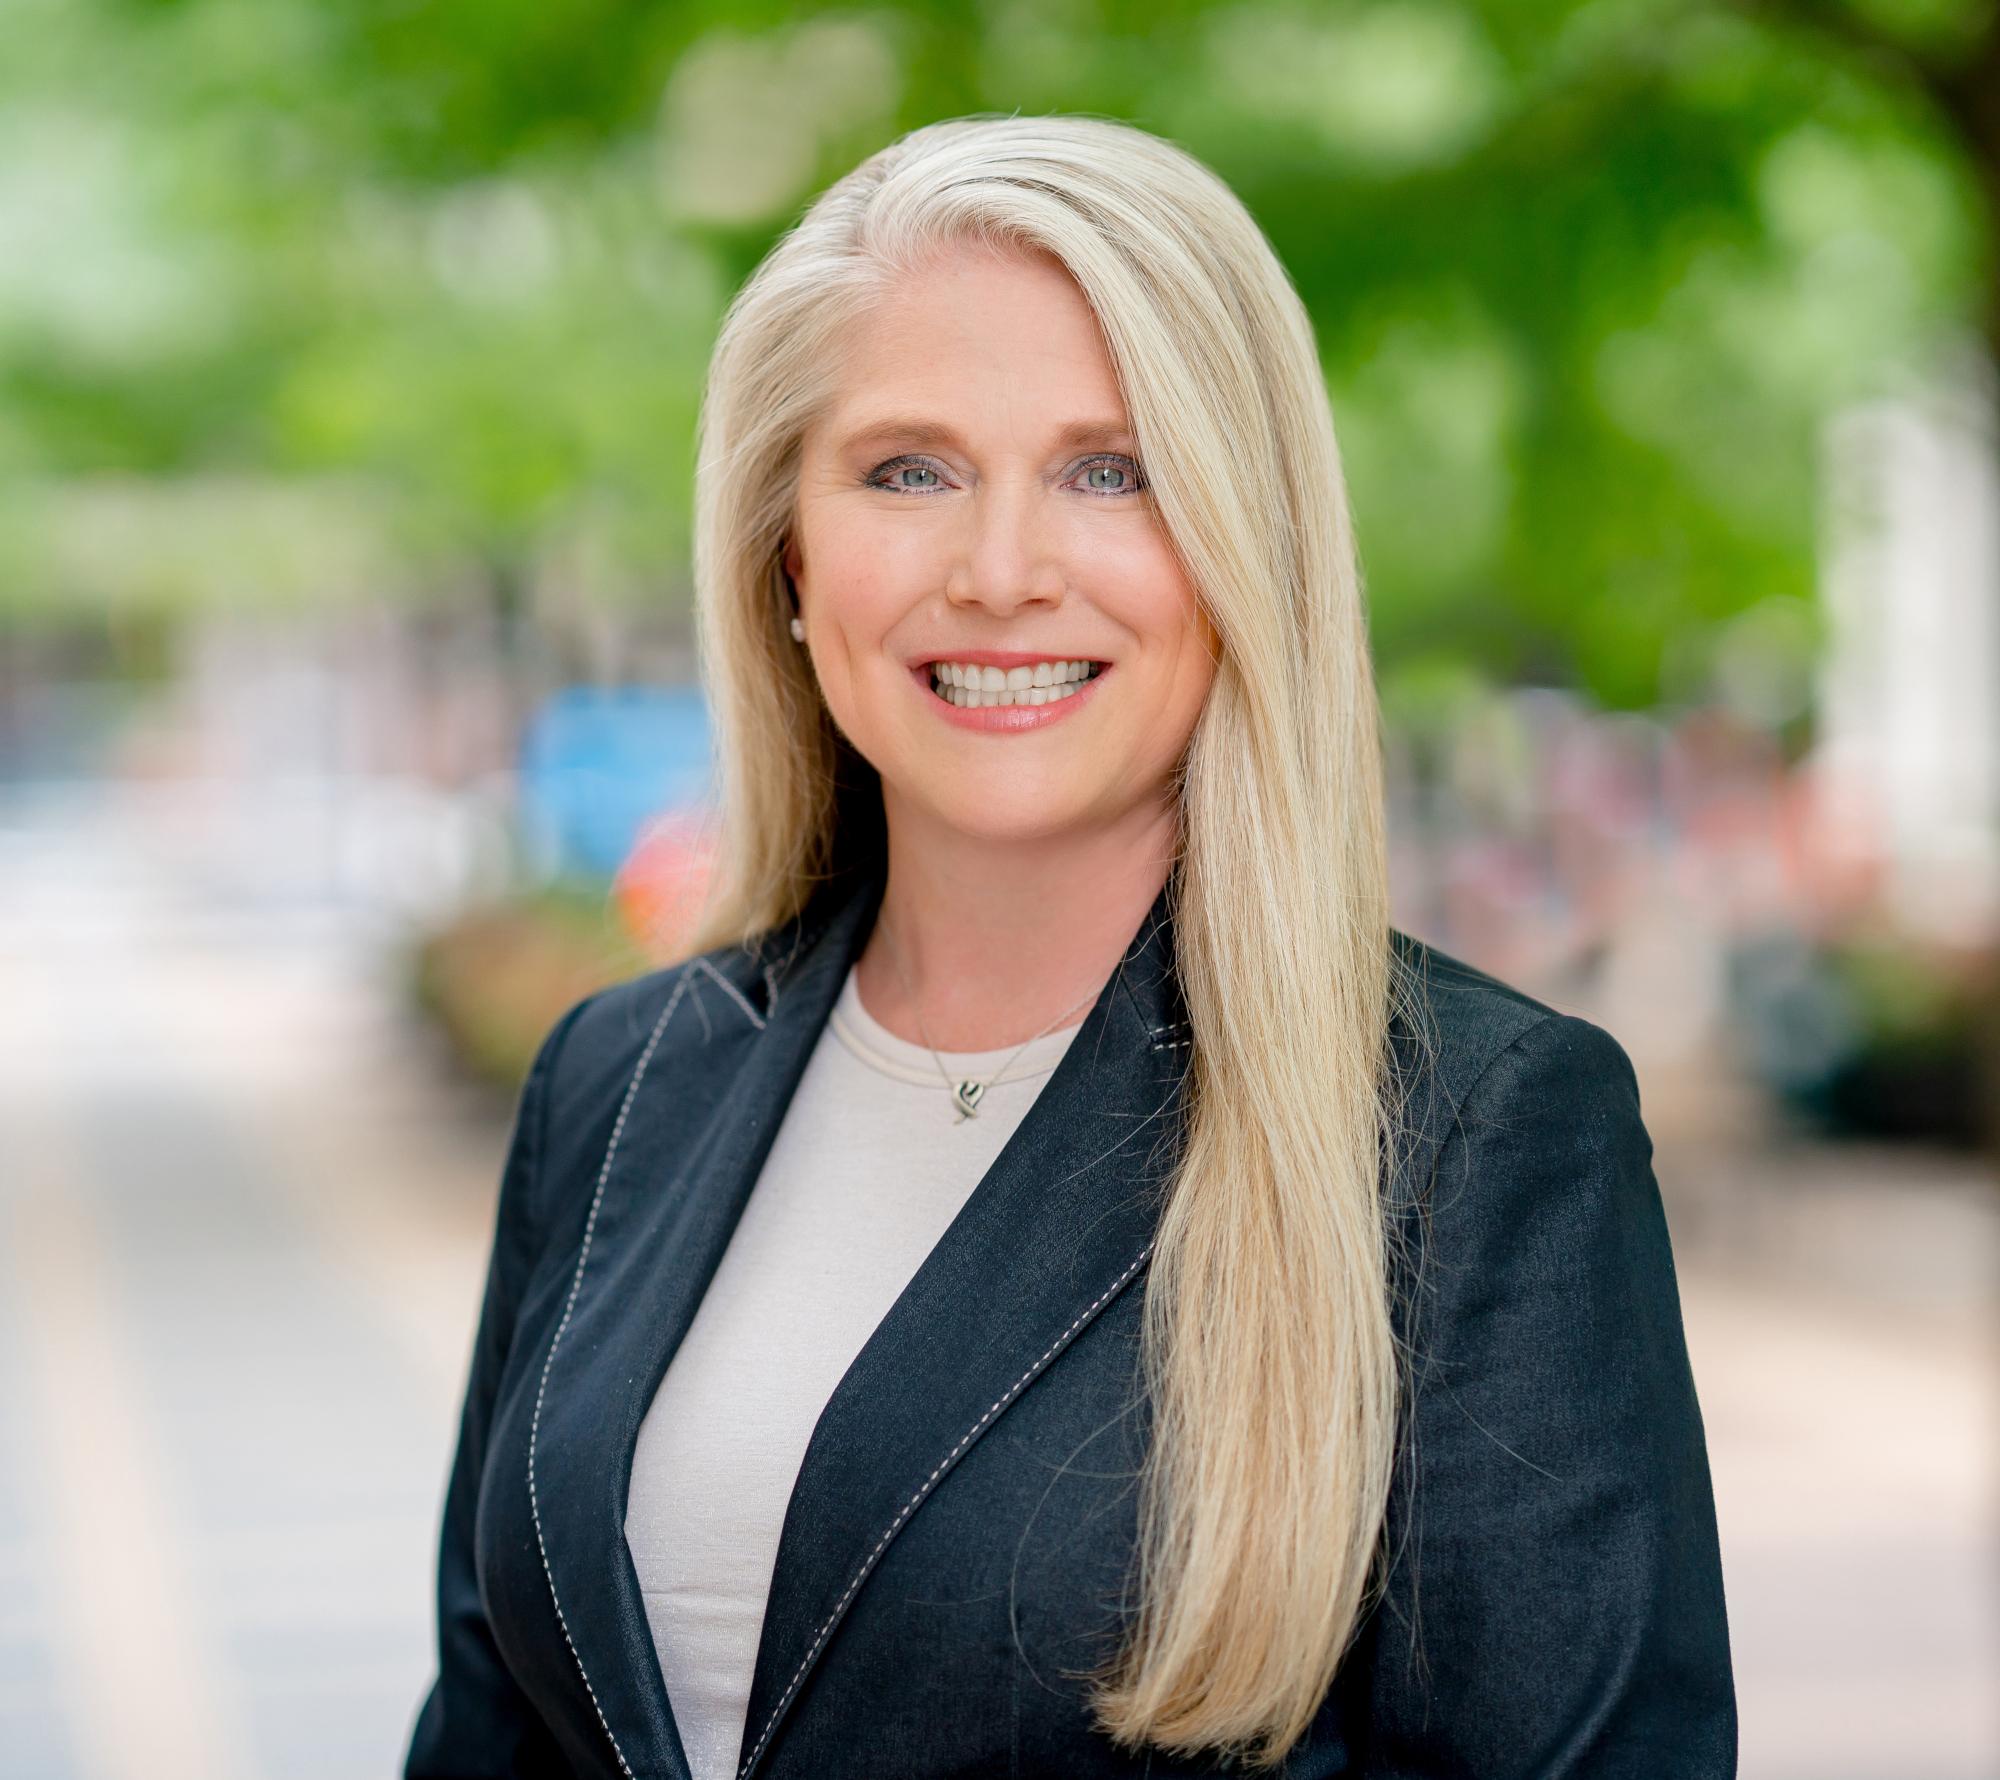 Lisa C. Bonner